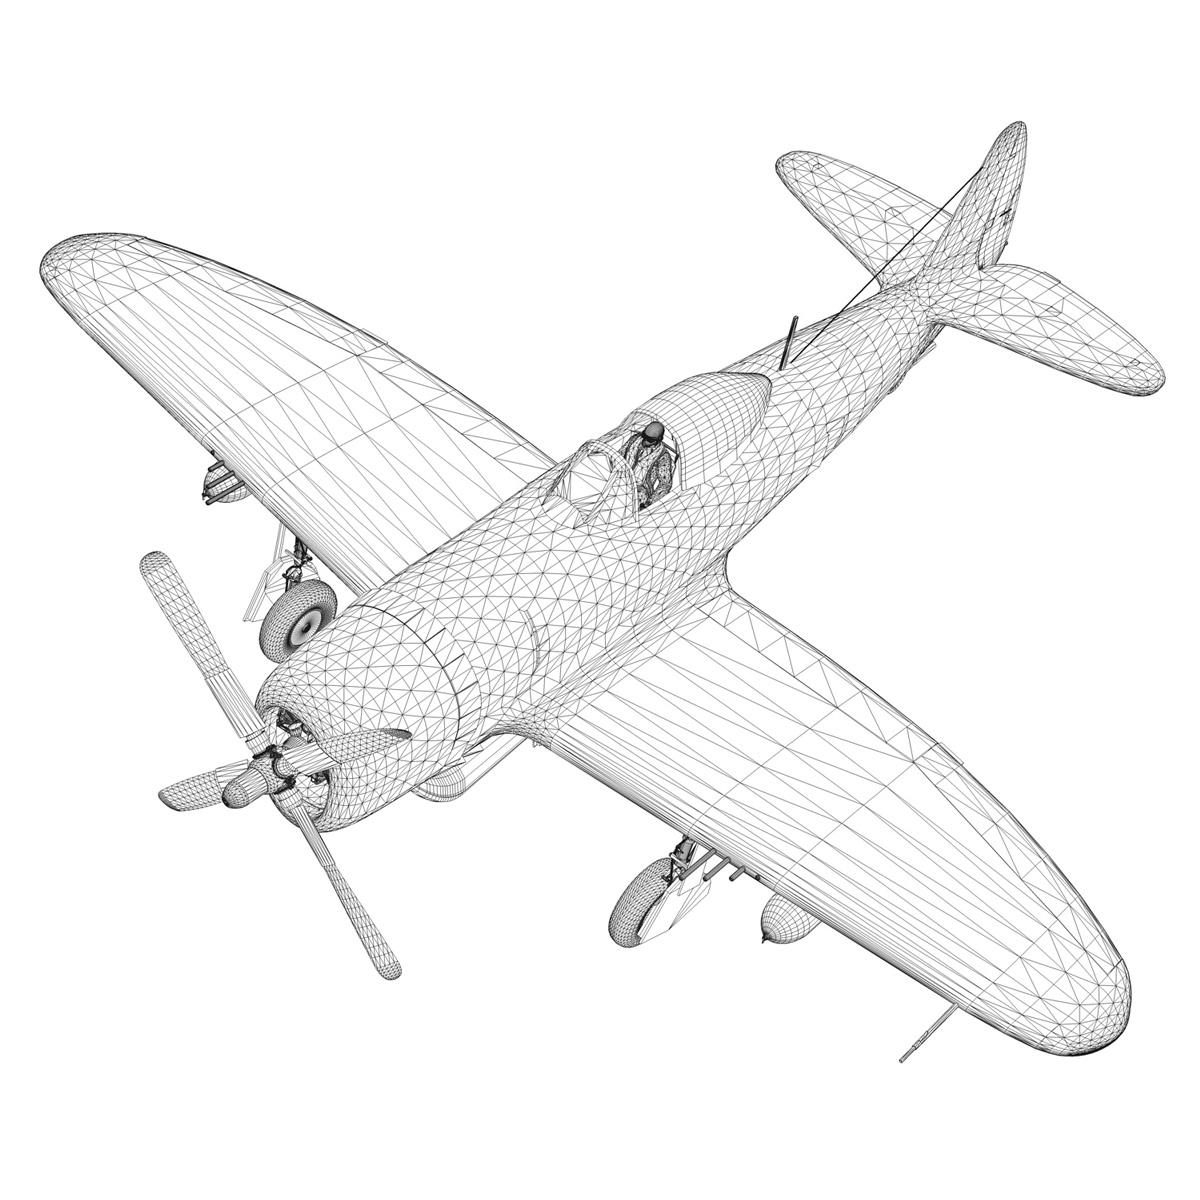 republic p-47d thunderbolt – chief seattle 3d model fbx c4d lwo obj 268220